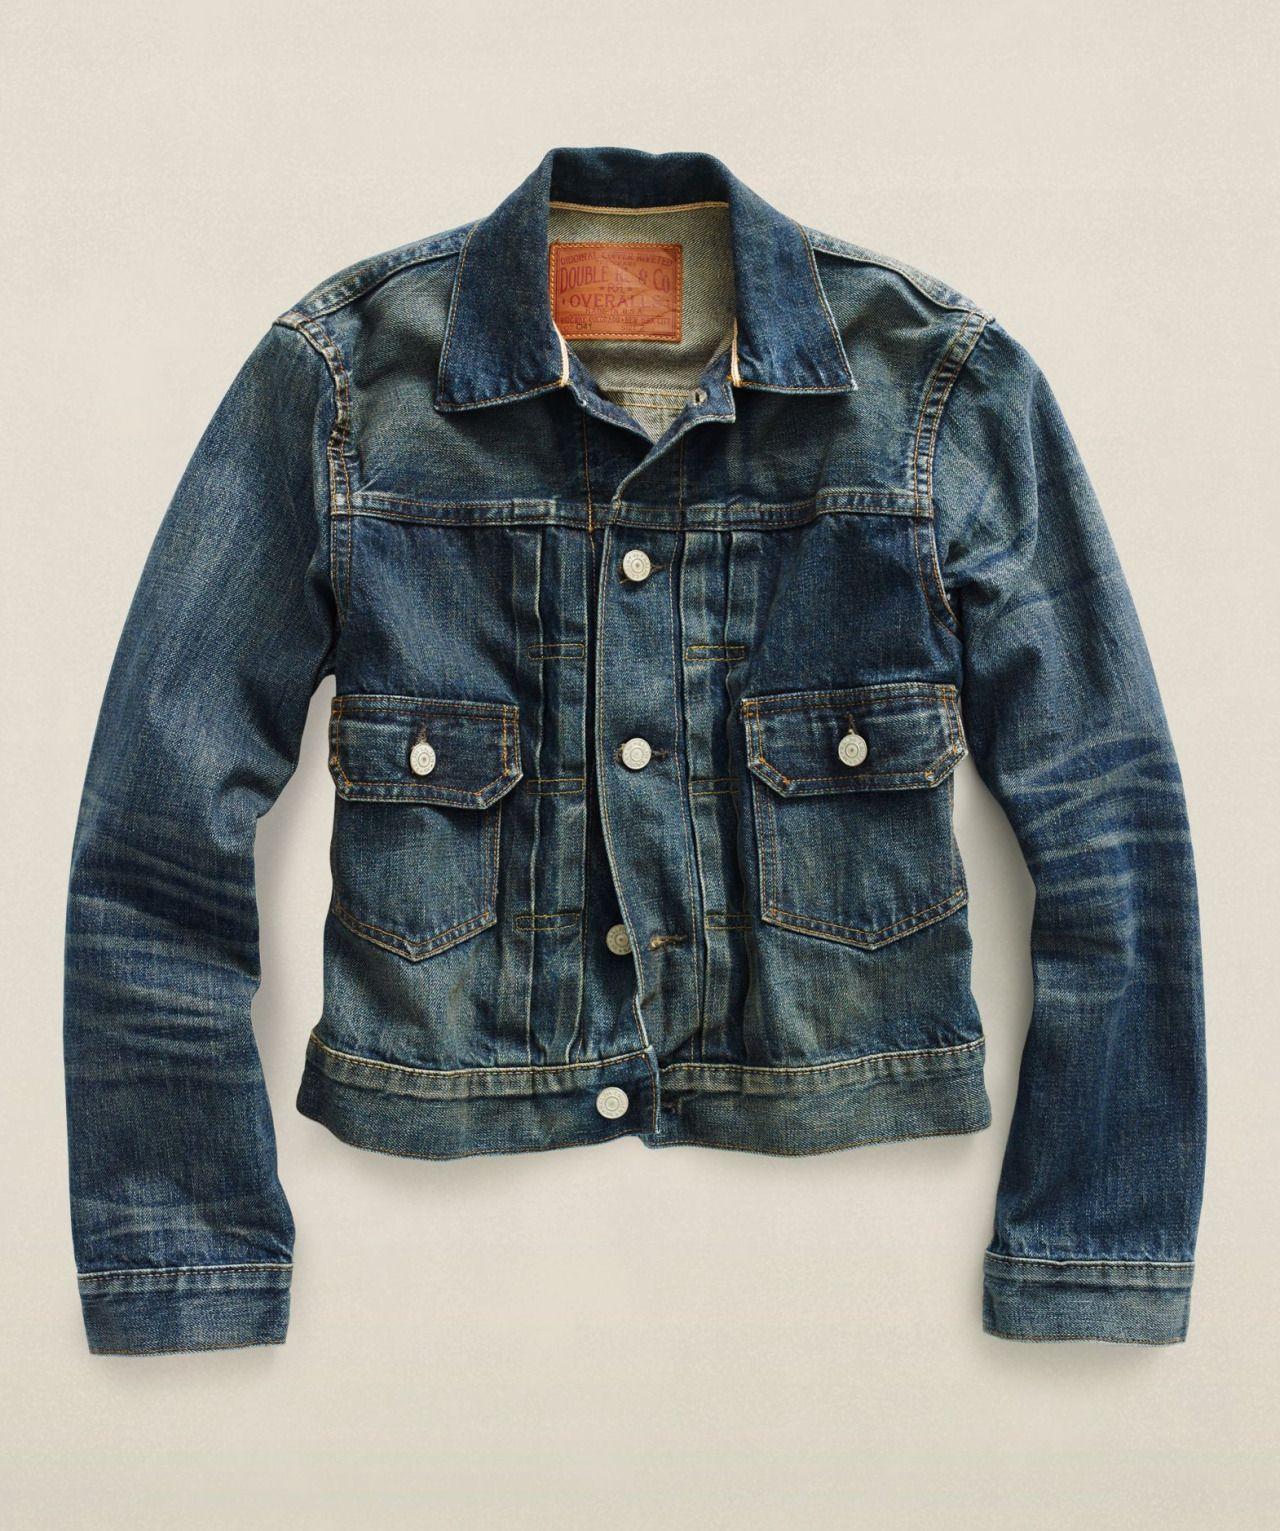 Rrl Denim Cowboy Jacket Denim Jacket Denim Cowboy Jacket [ 1531 x 1280 Pixel ]